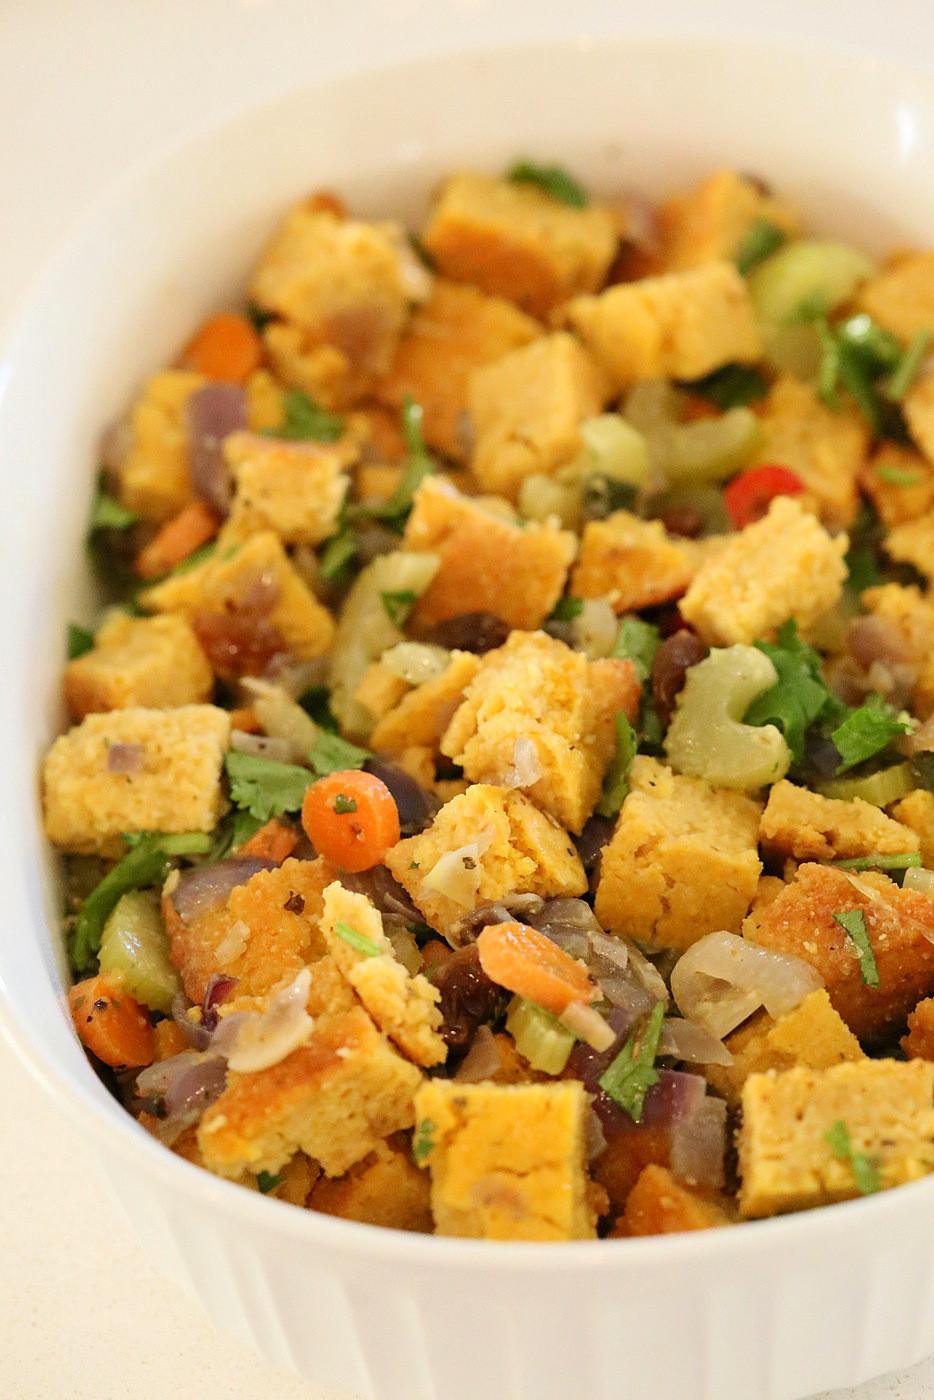 Vegetarian Stuffing Recipes Thanksgiving  7 Vegan Thanksgiving Dressings and Stuffing Recipes